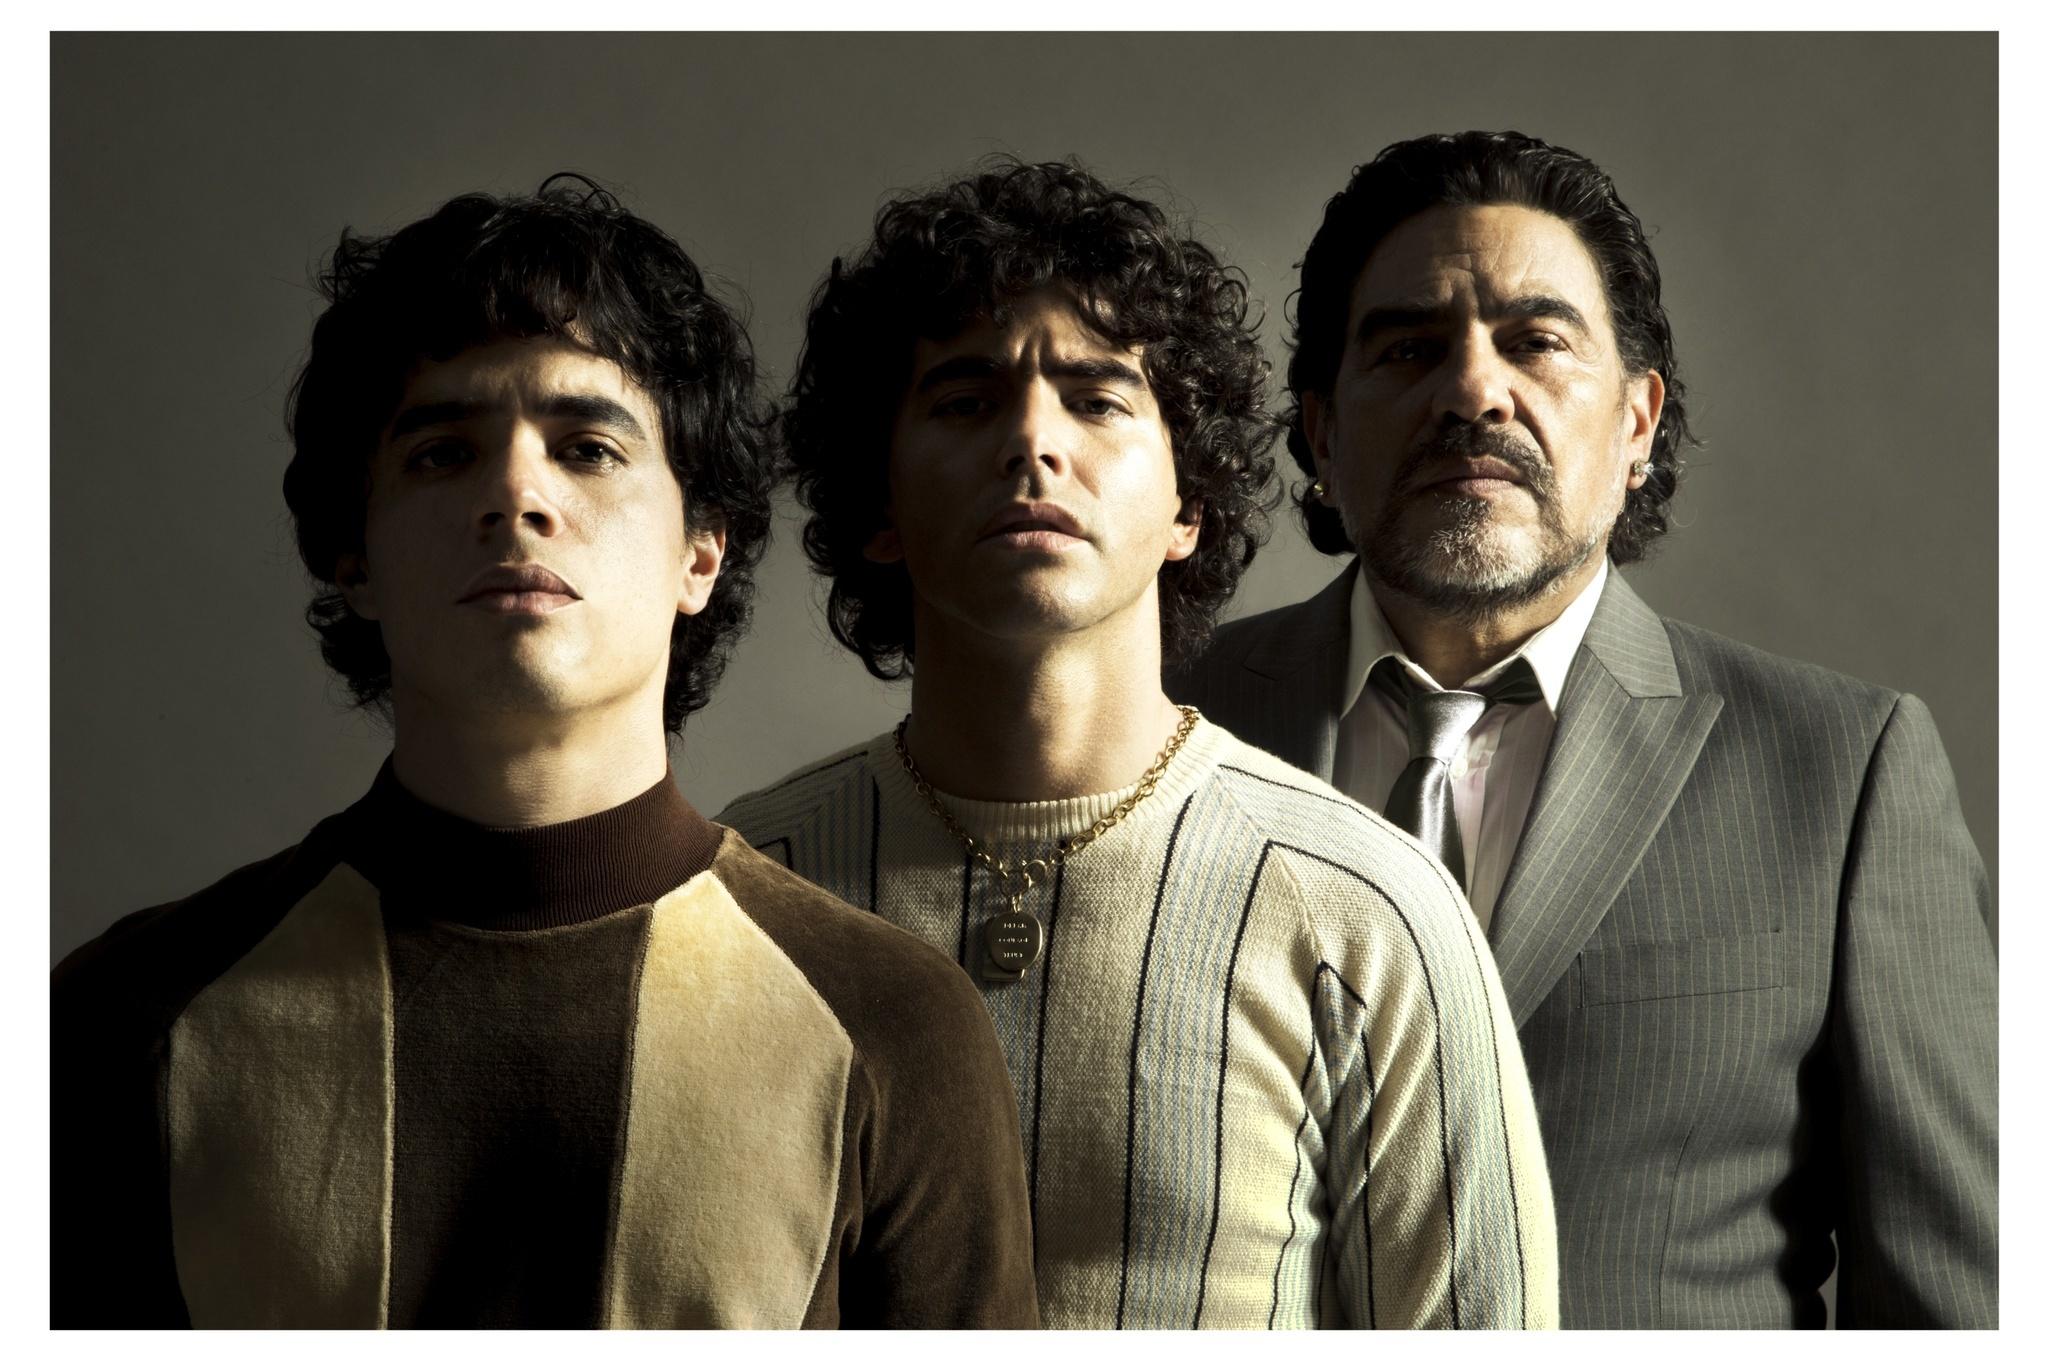 De izquierda a derecha, Nicolas Goldschmidt, Nazareno Casero y Juan Palomino, como Maradona.